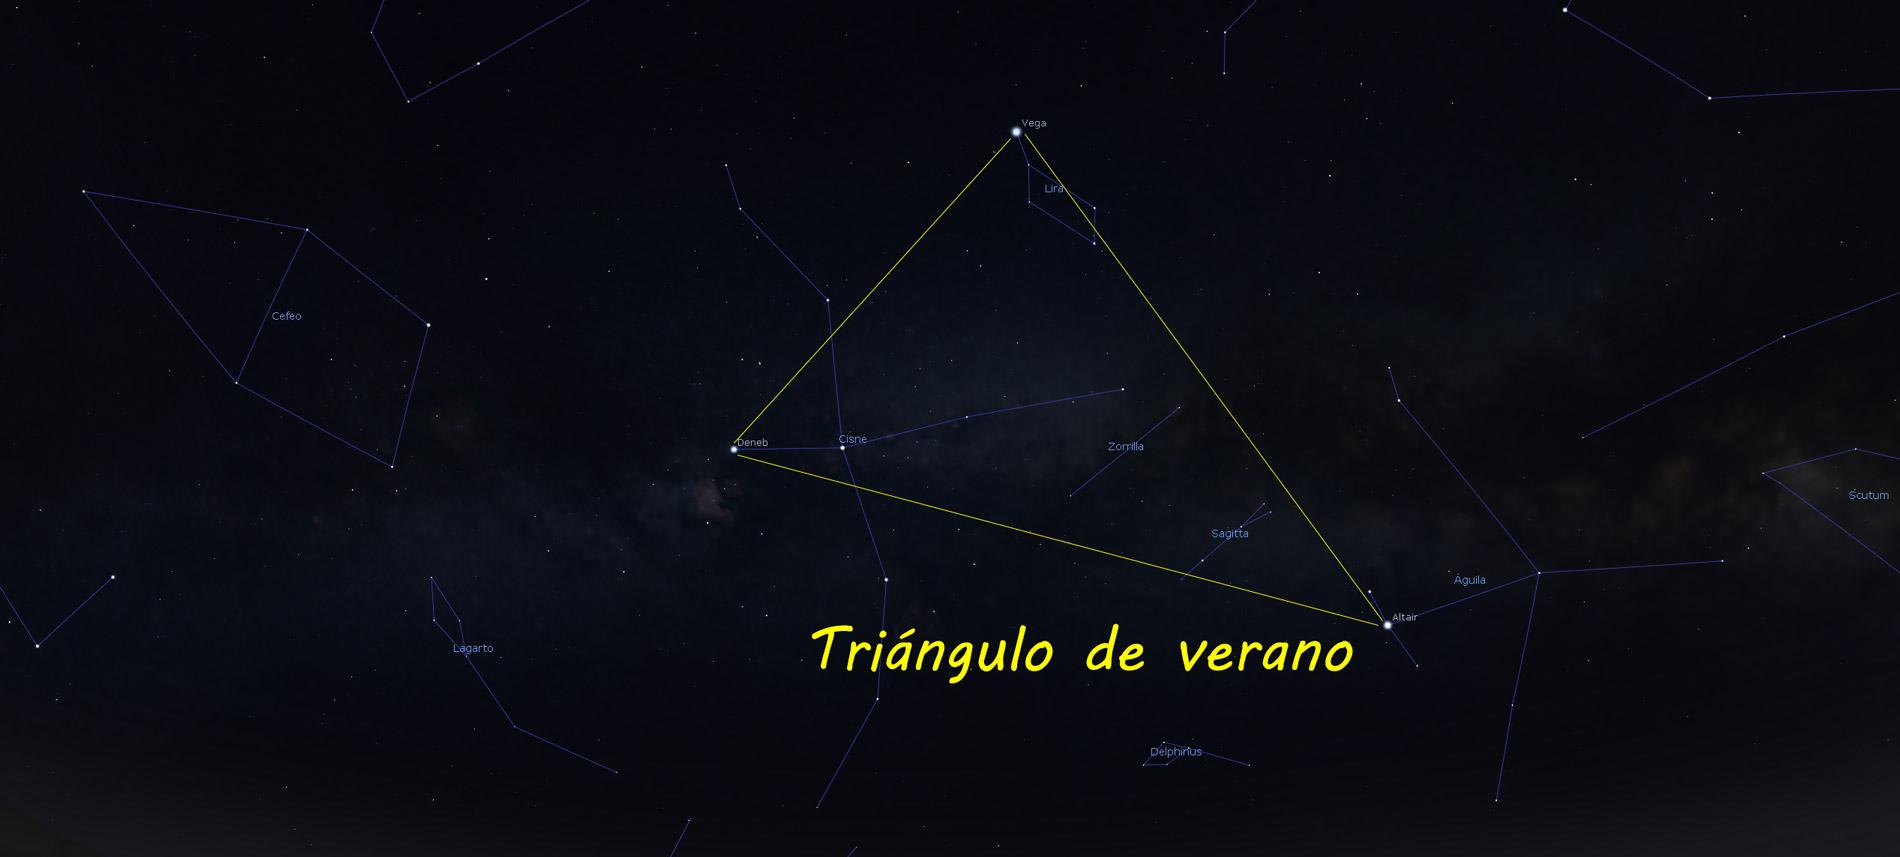 Efemérides astronómicas: Junio 2019